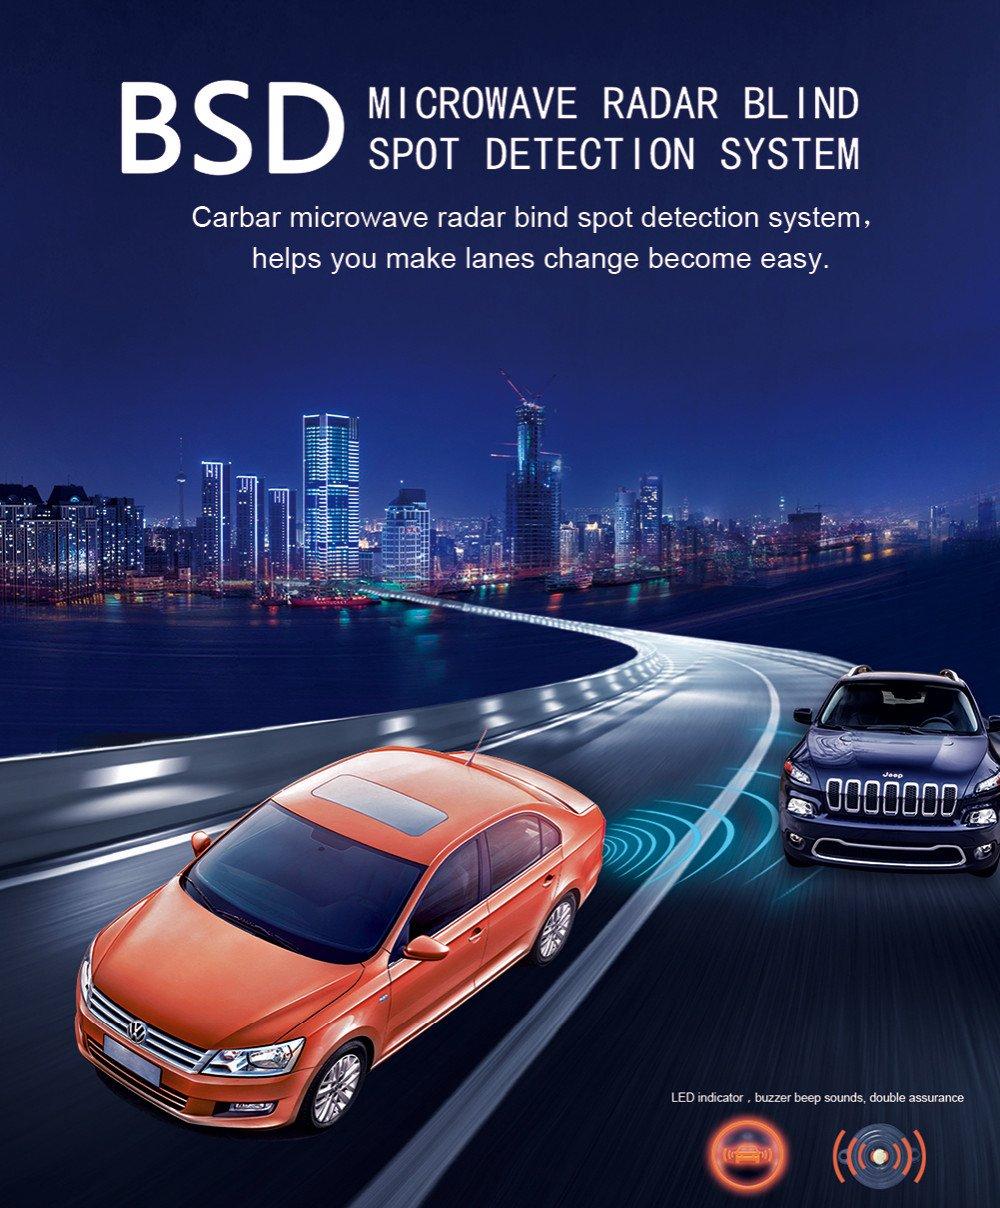 Amazon.com: CarBest Radar Based Blind Spot Sensor and Rear Cross Traffic Alert System, BSD, BSM, Wave Radar Blind Spot Detection System: Car Electronics